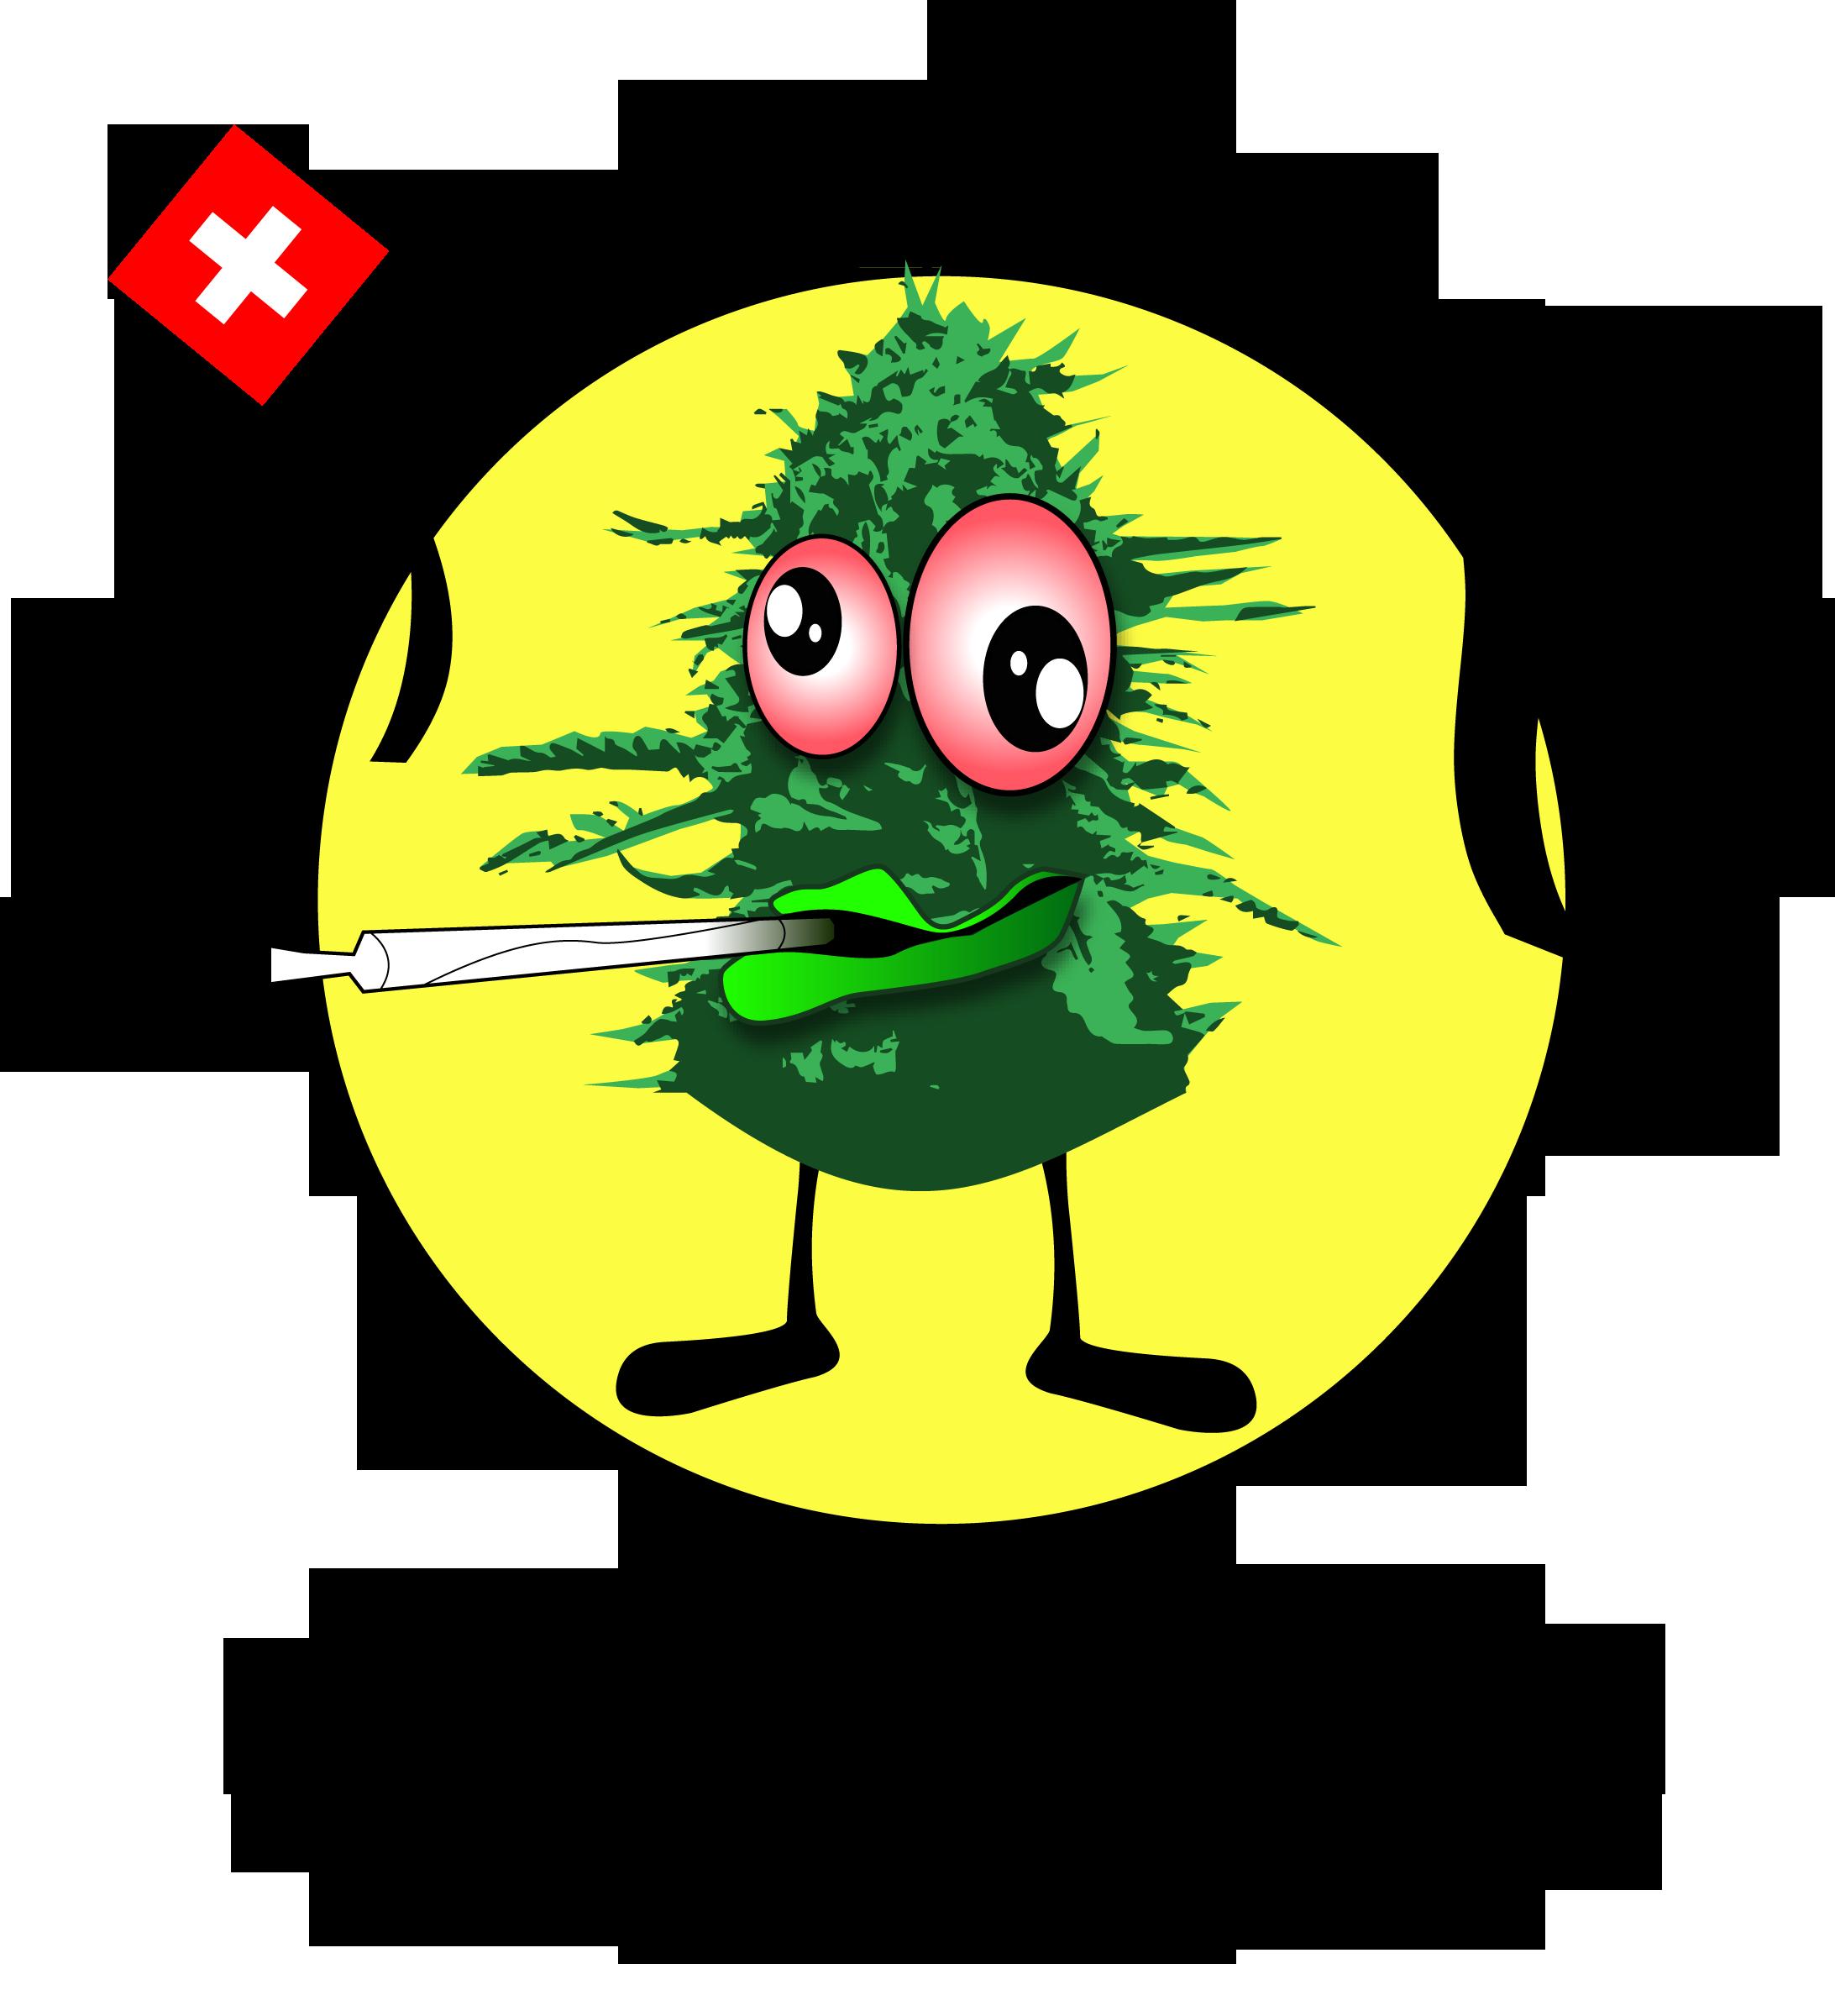 www.mistabudzswiss.ch